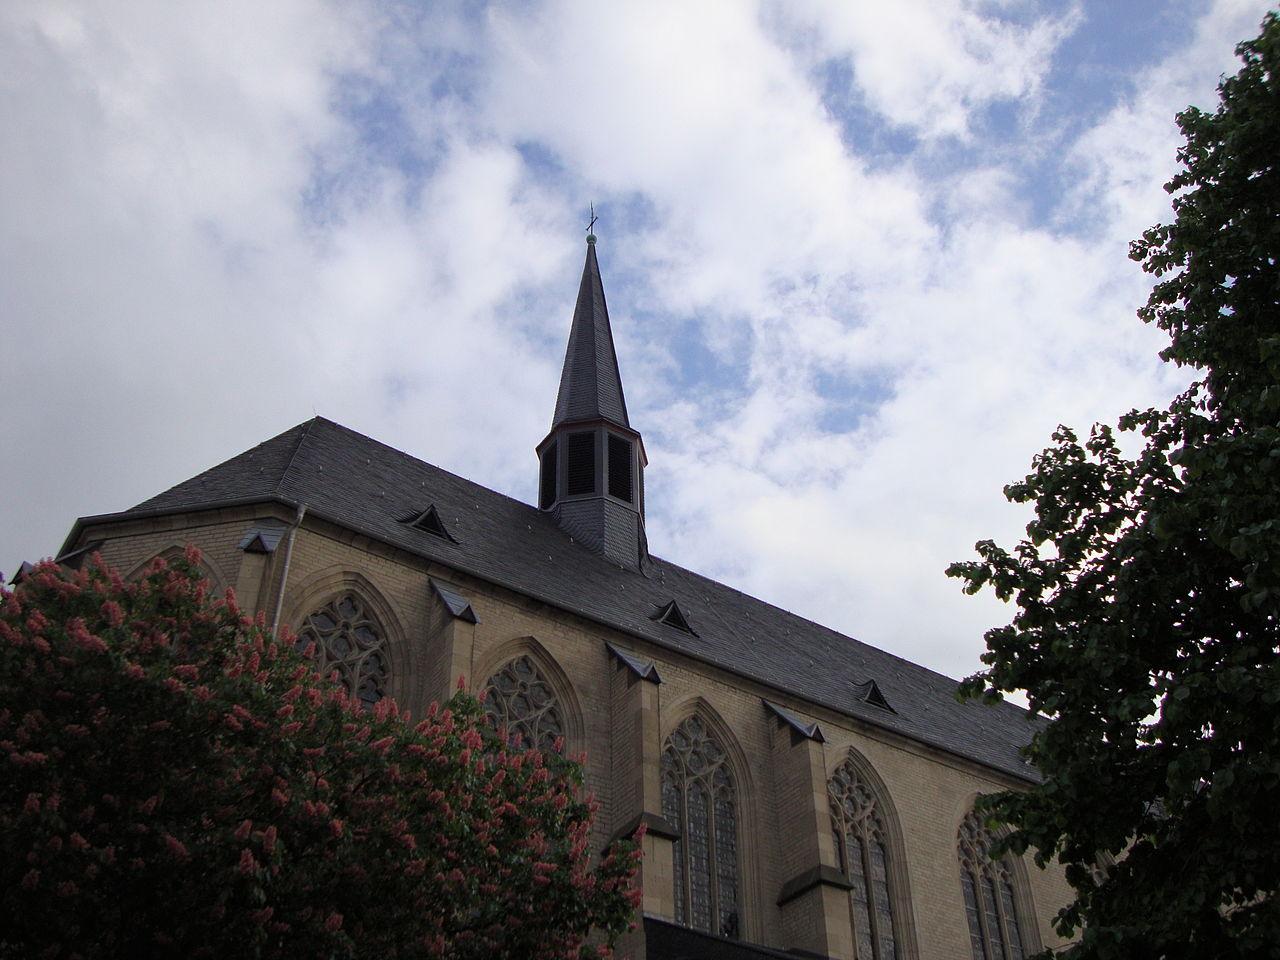 Bild Beethovens Taufkirche St. Remigius Bonn